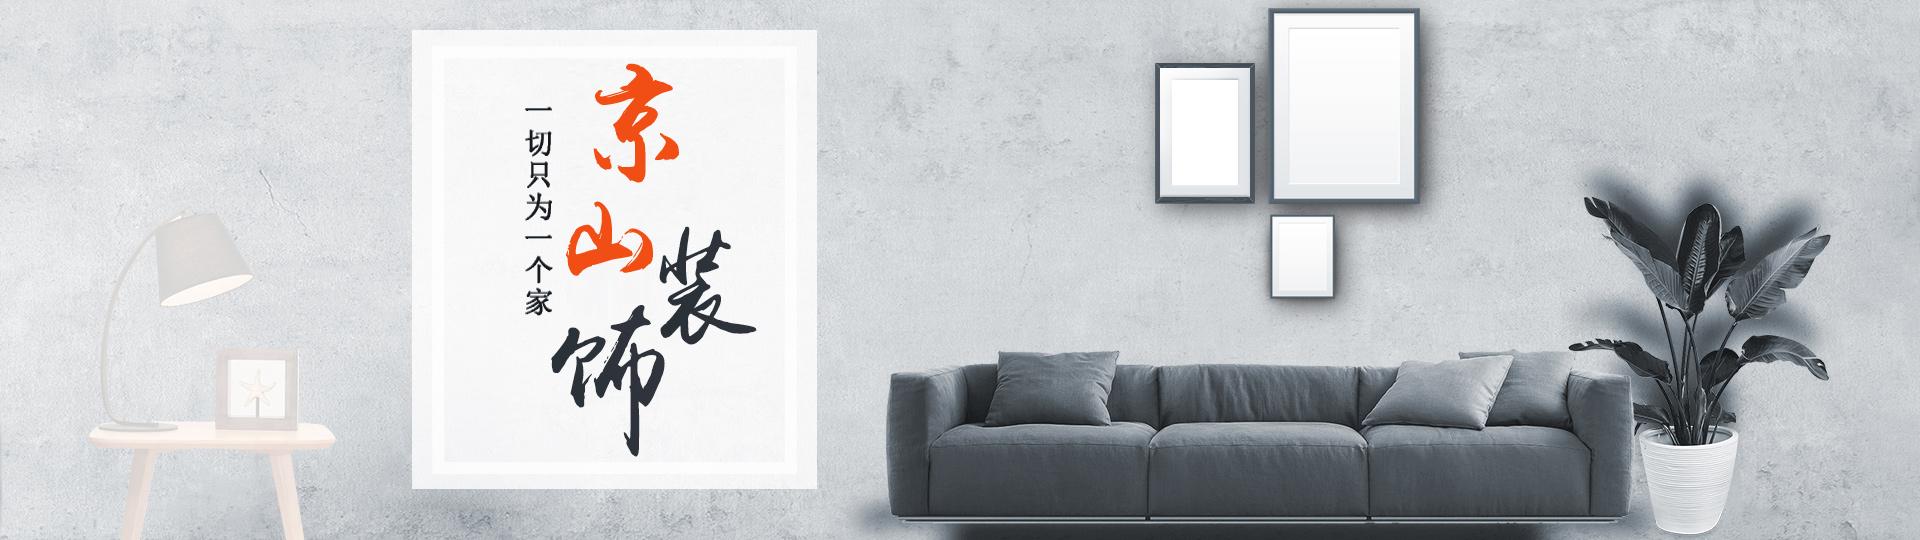 京山装修公司banner01